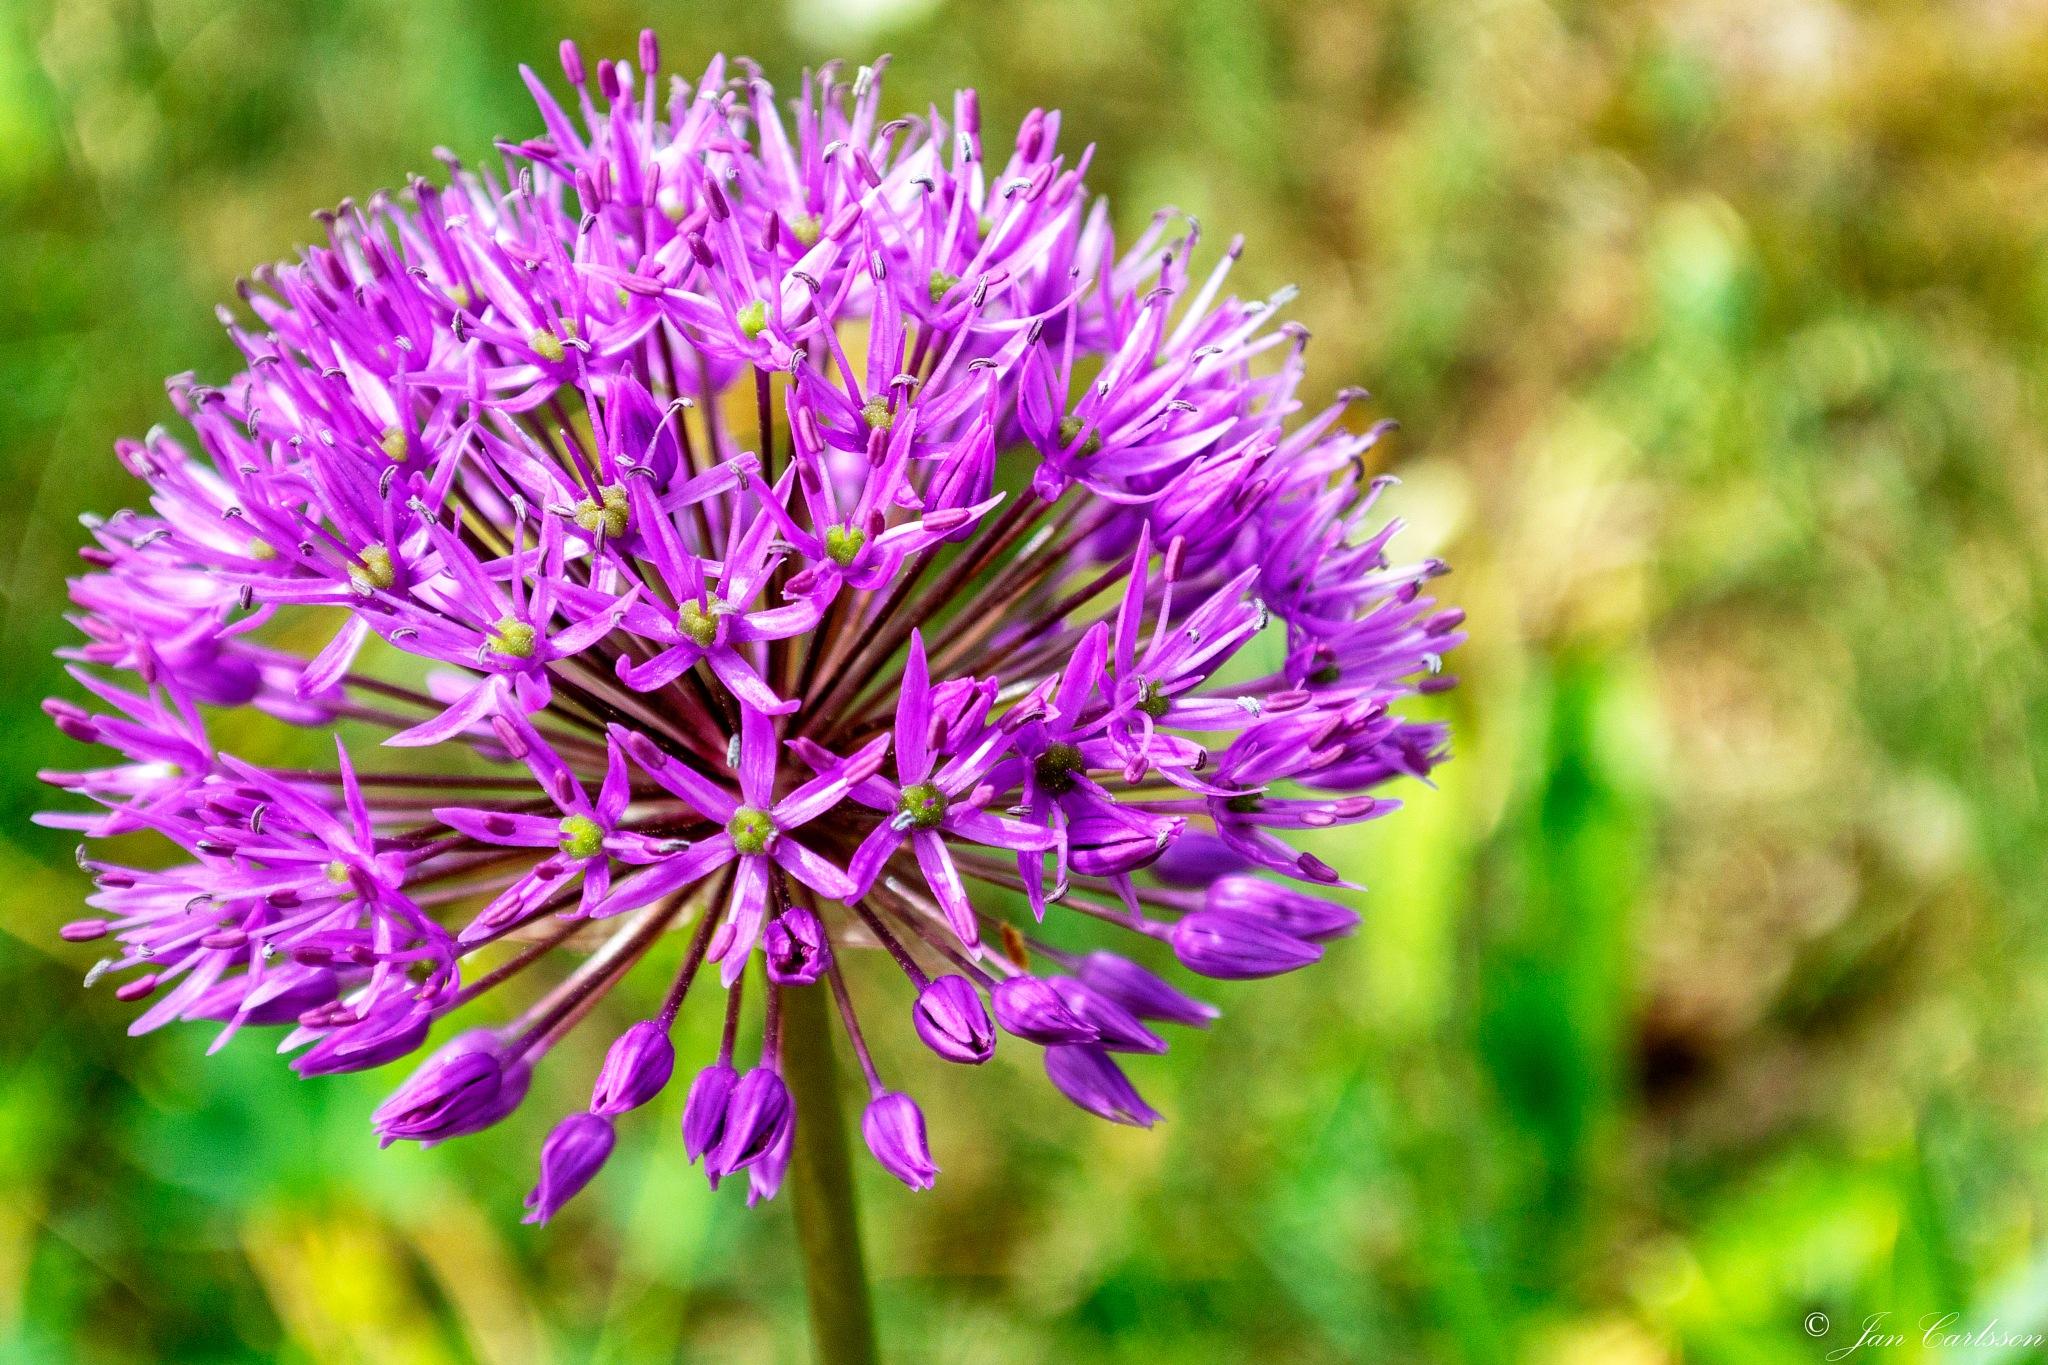 Allium by carljan w carlsson